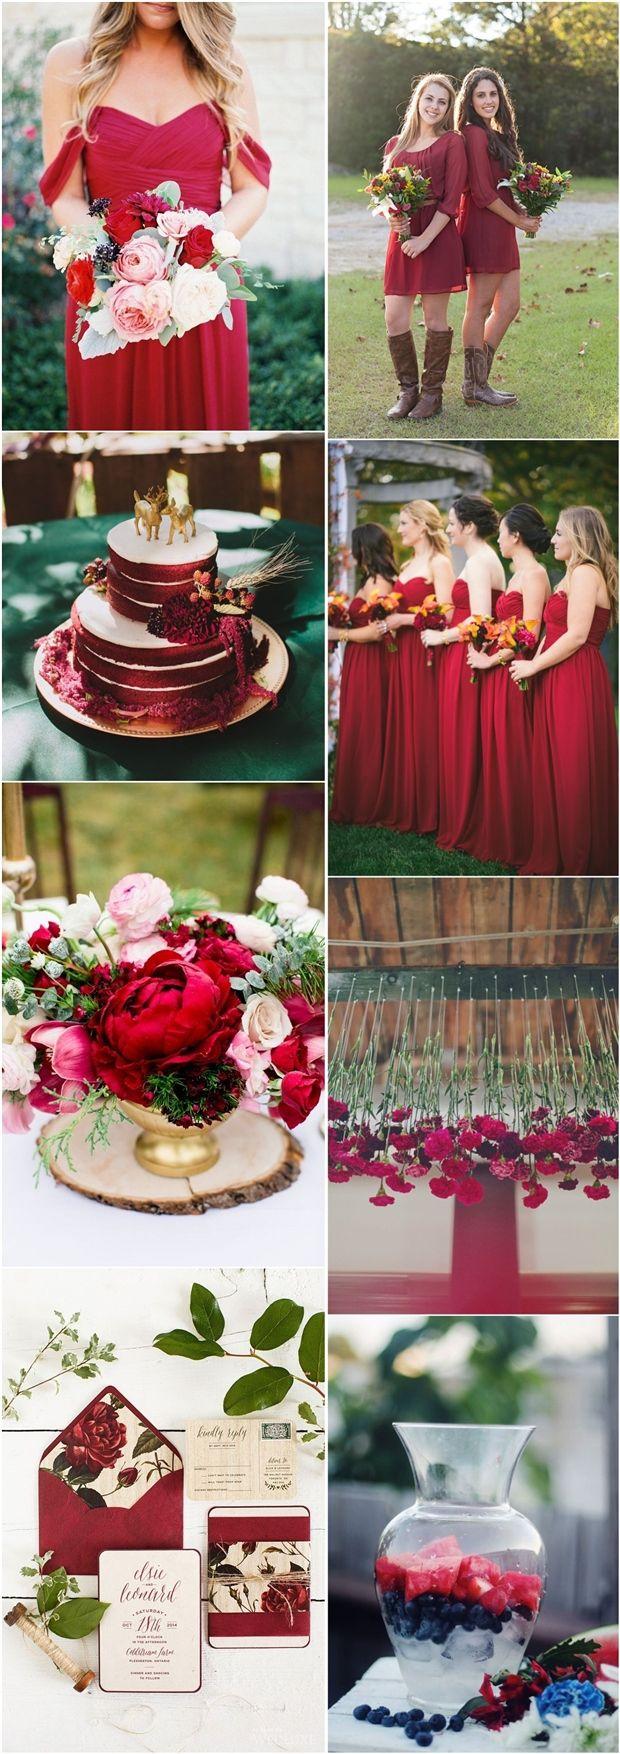 45 ideas para utilizar el color rojo para una boda. #DecoracionBodas